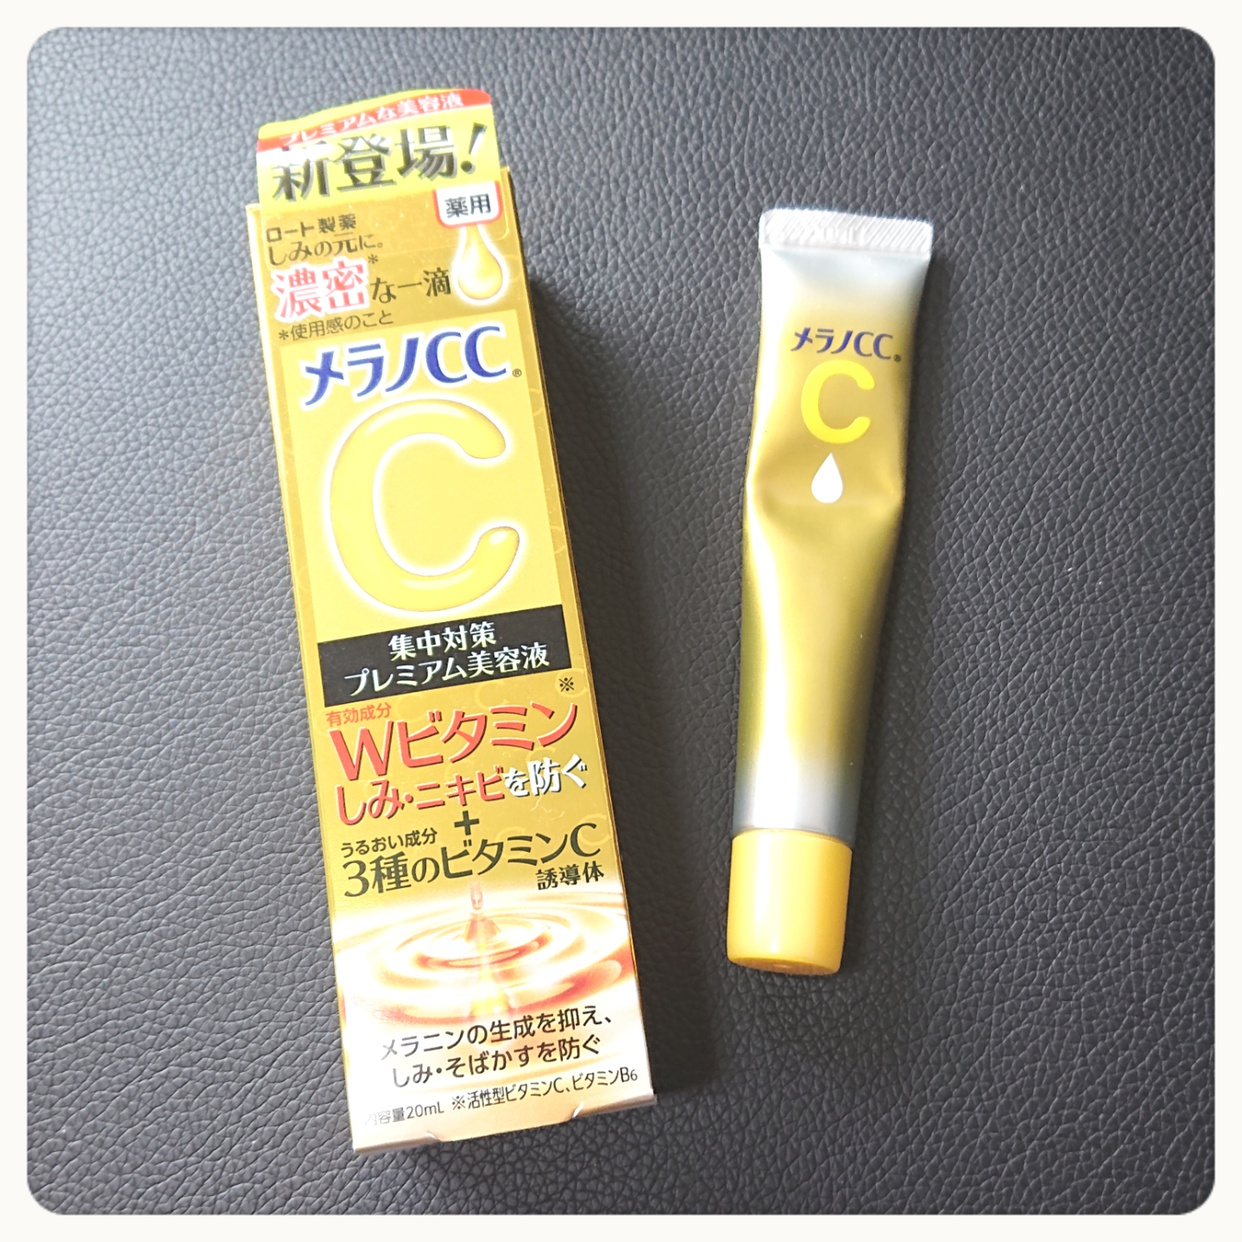 メラノCC 薬用しみ集中対策プレミアム美容液を使ったnakoさんのクチコミ画像1